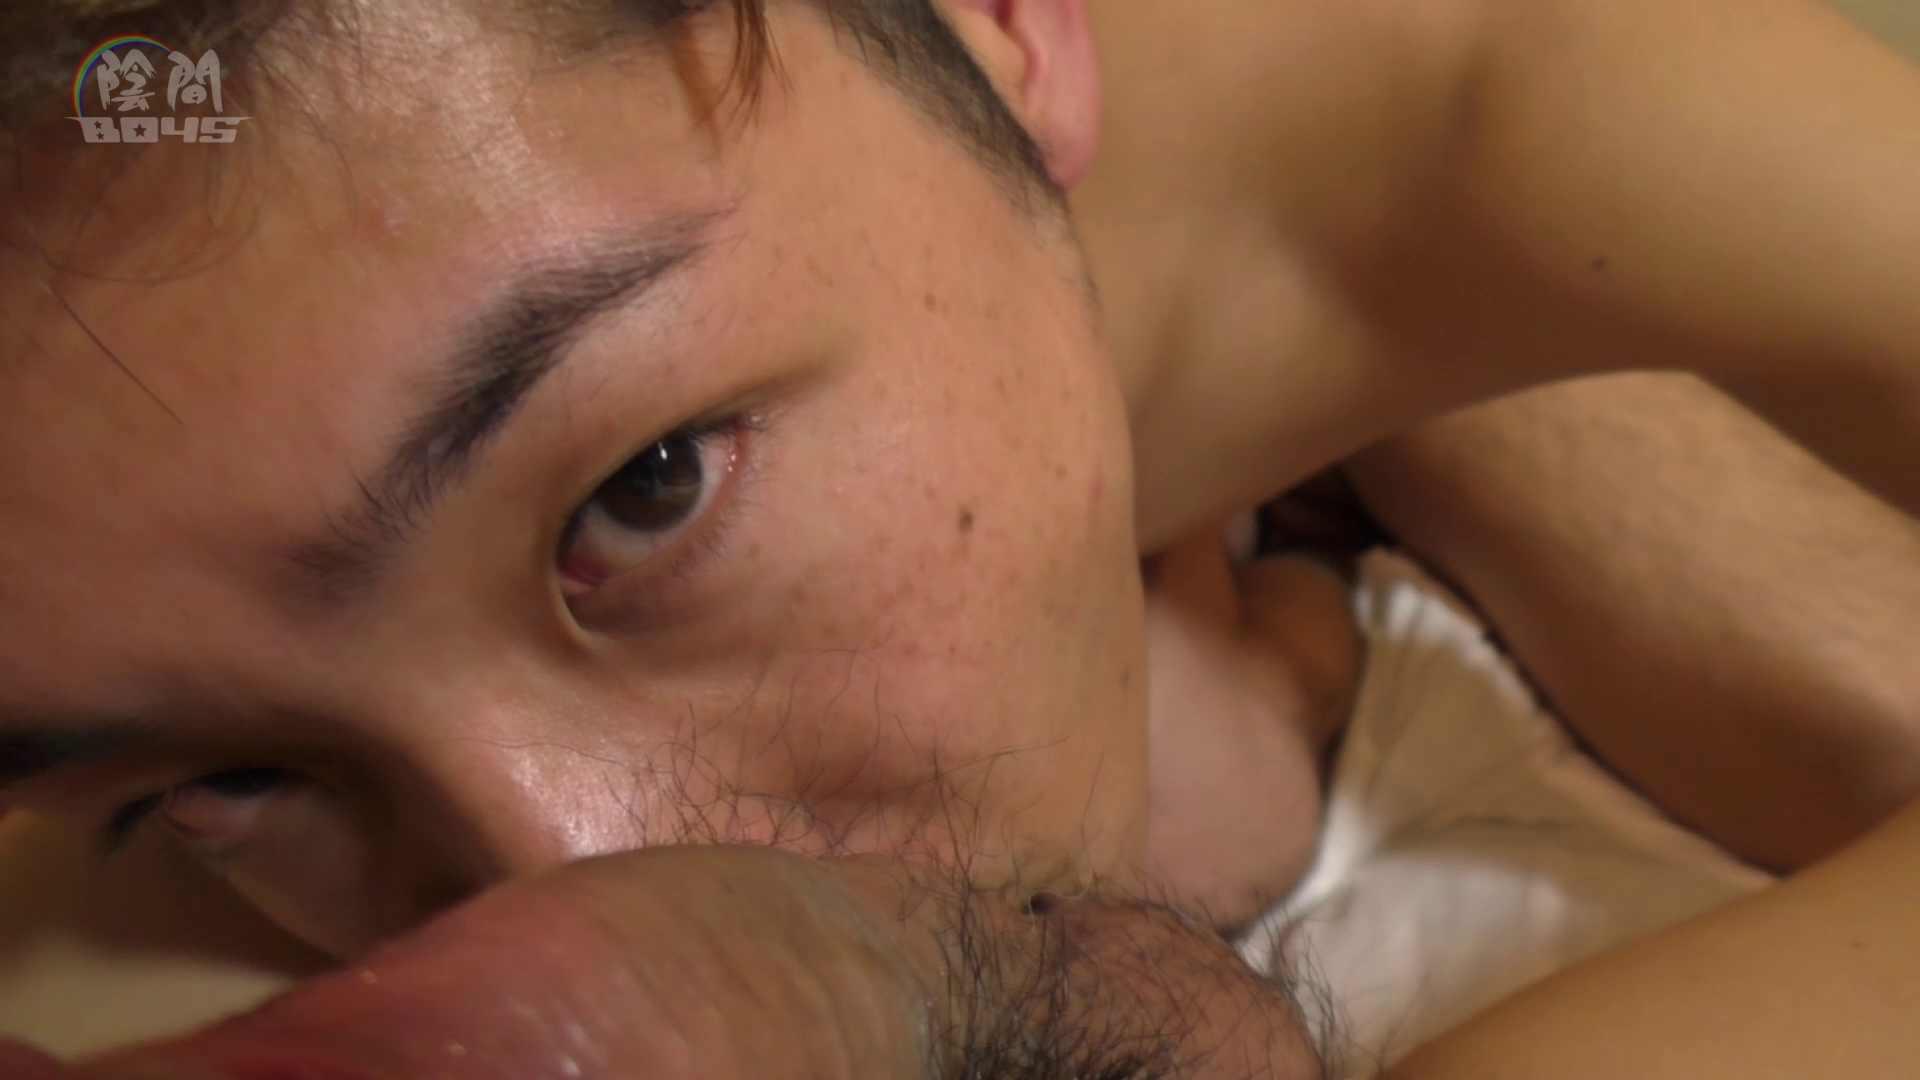 デカチン探偵かしこまりpart2 No.05 ゲイ・セックス ゲイフェラチオ画像 60pic 45